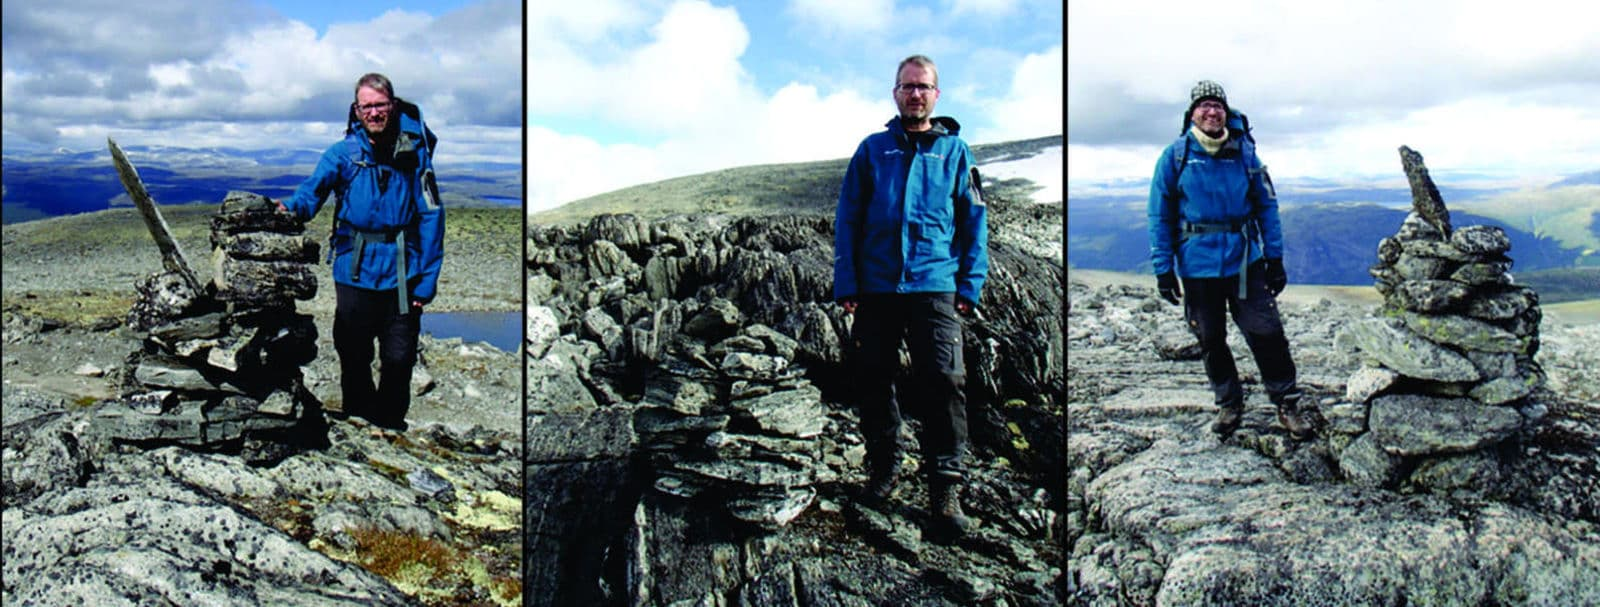 Pedras encontradas ao longo da passagem na montanha